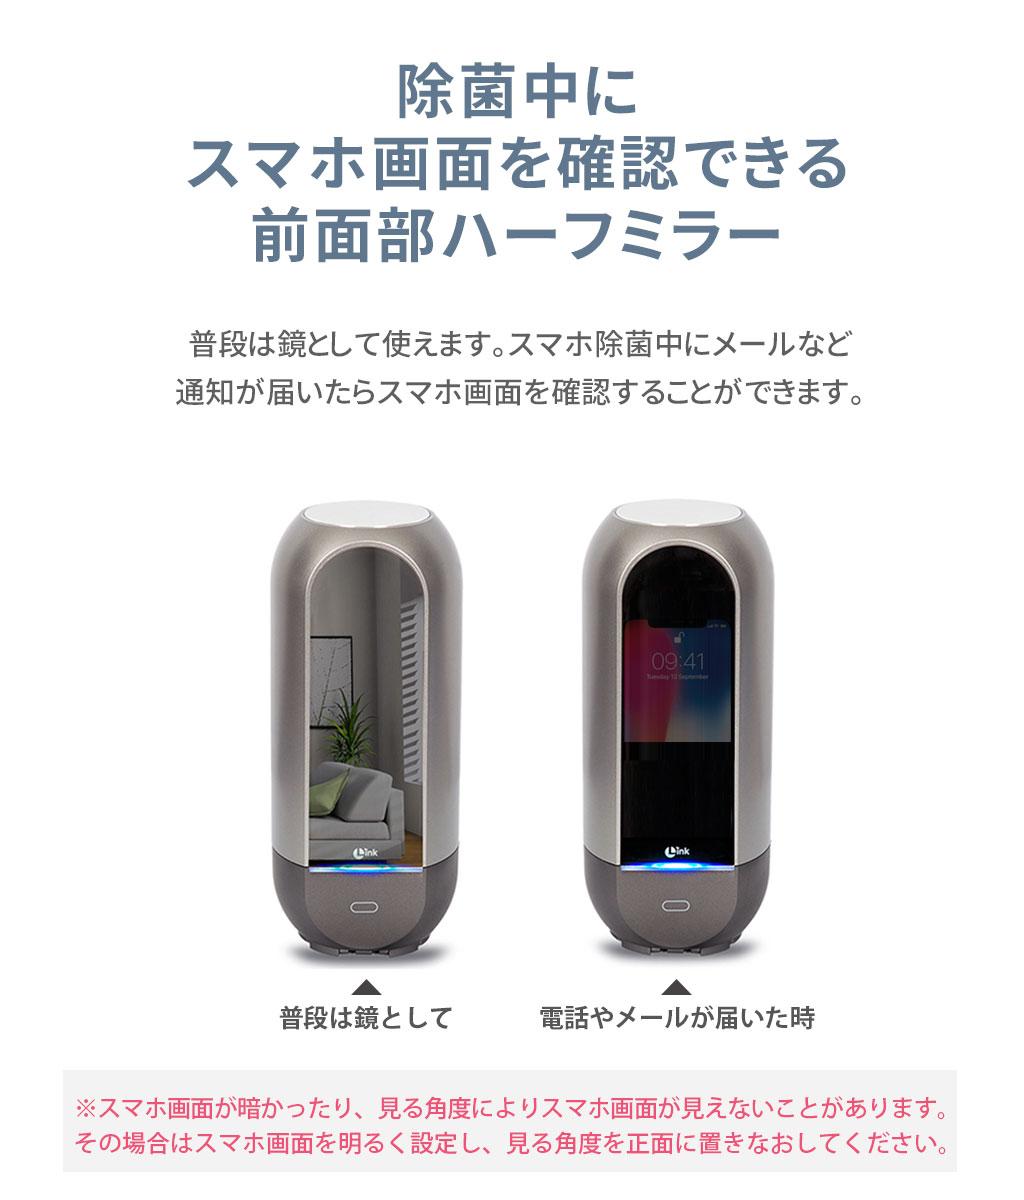 【沸騰ワード10で紹介されました】LINK UV+オゾン スマホ除菌器 LK18735